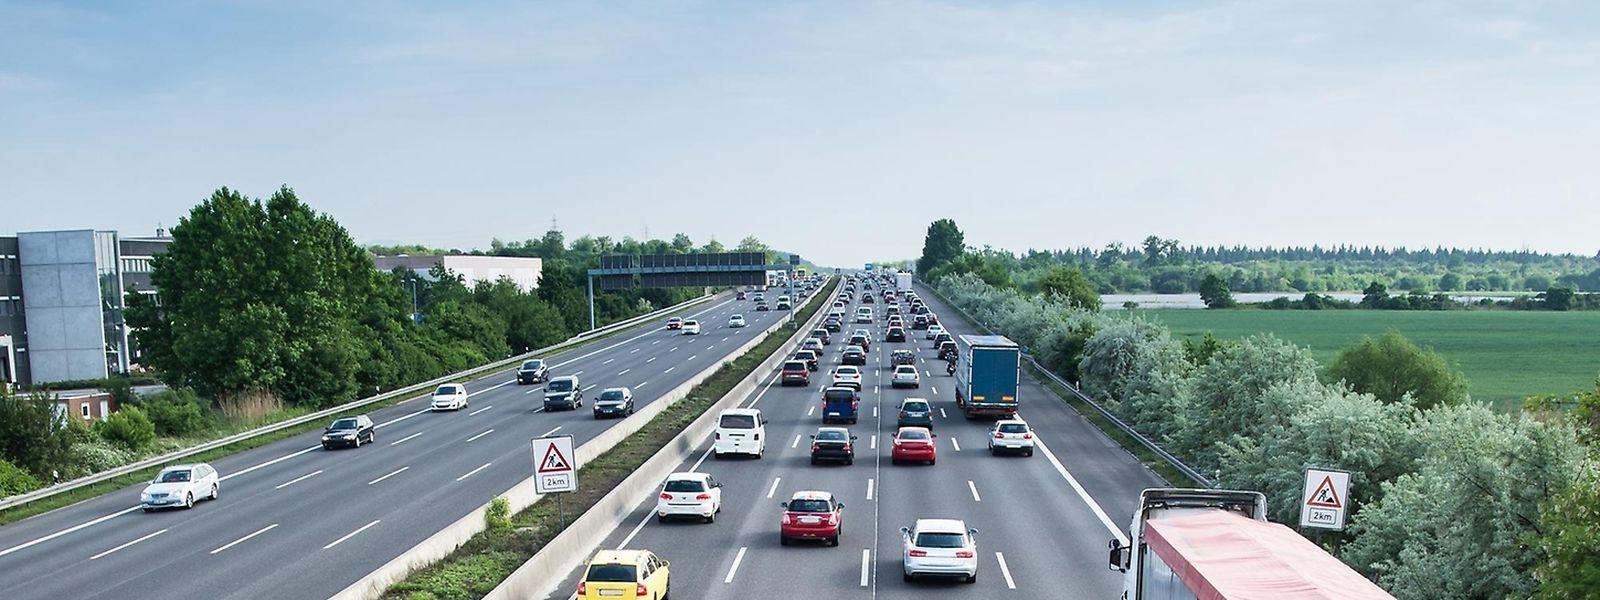 Bei dichtem Verkehr oder Stau müssen gerade Autofahrer achtsam sein - gerade wenn Rettungsfahrzeuge im Anmarsch sind.